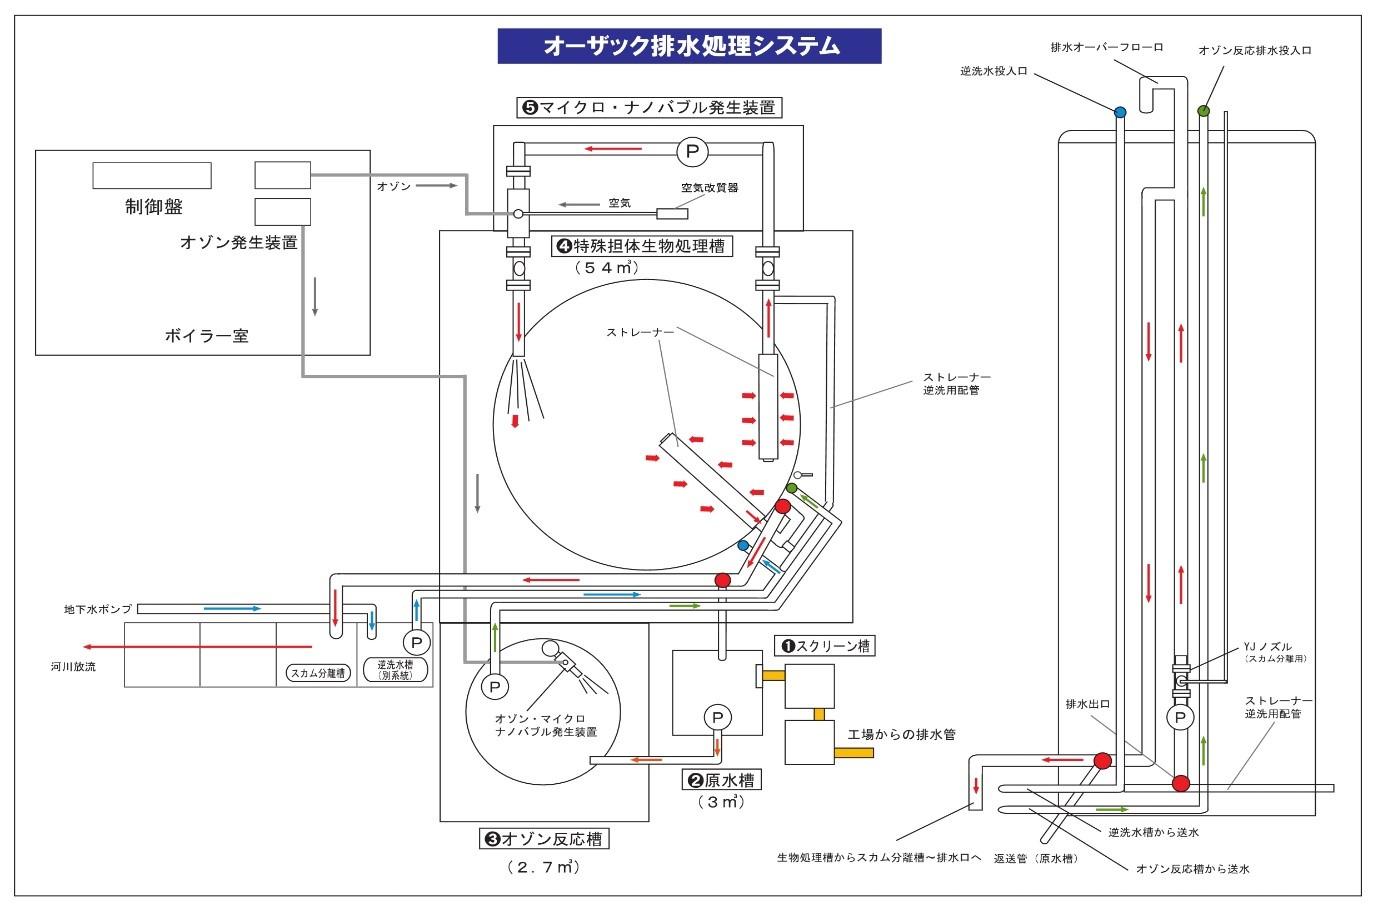 長岡食肉センターのフロー図面